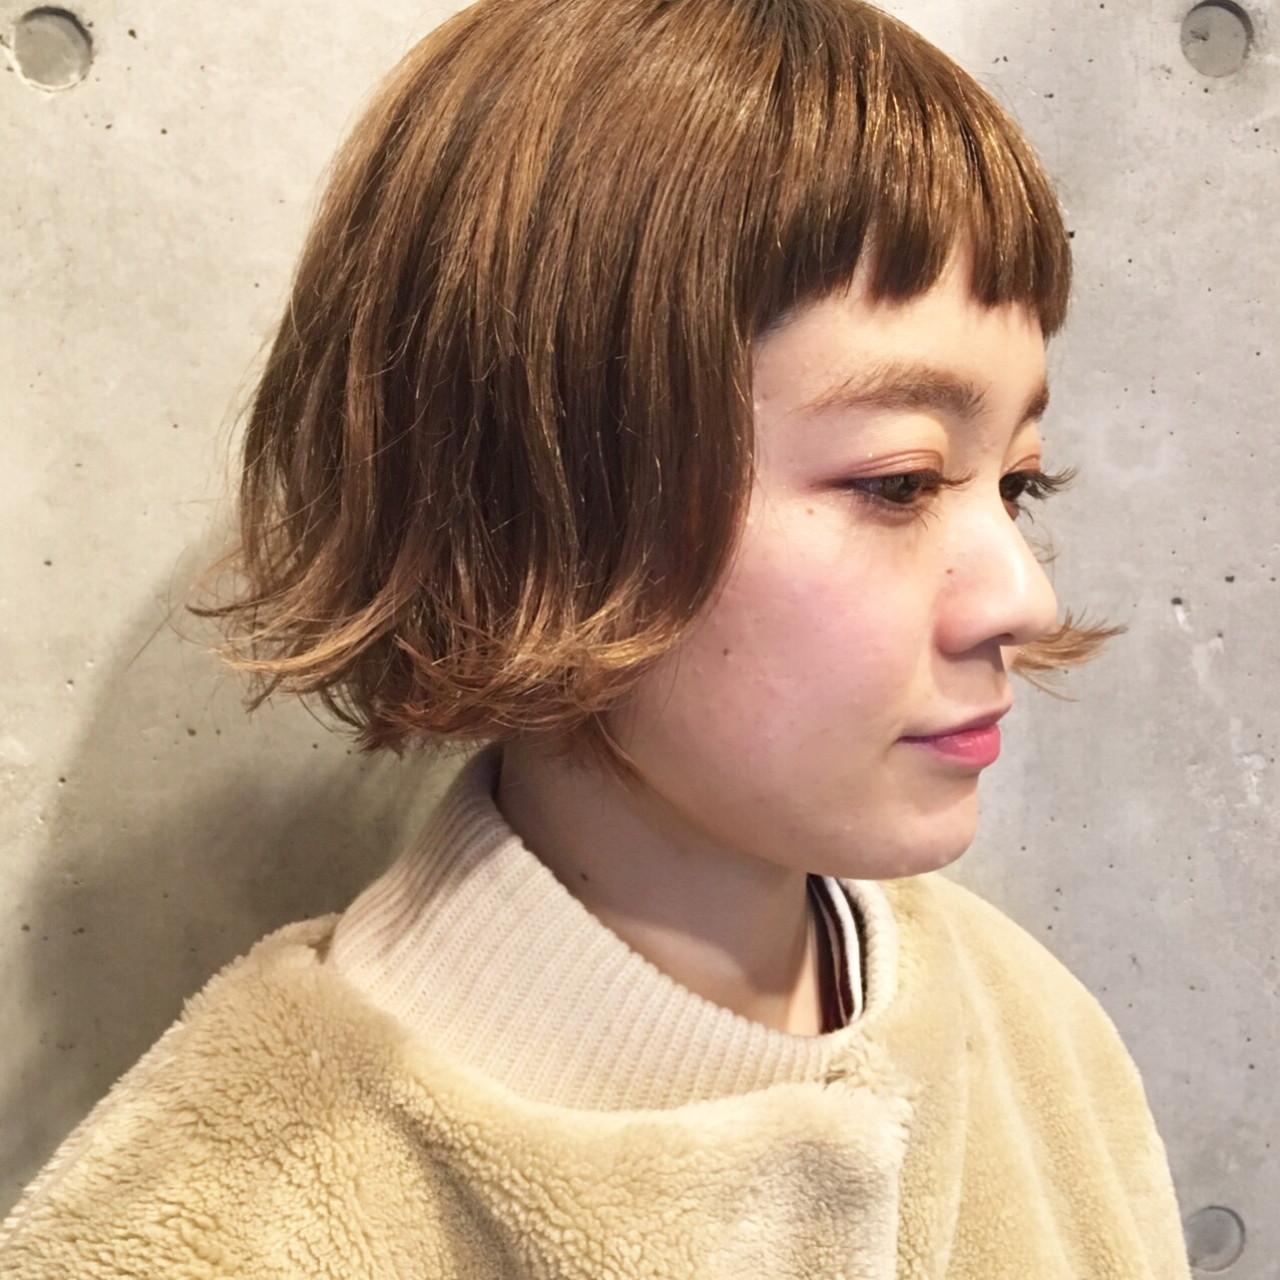 毛先外ハネの旬のパッツン前髪ボブヘア 柳絵美子